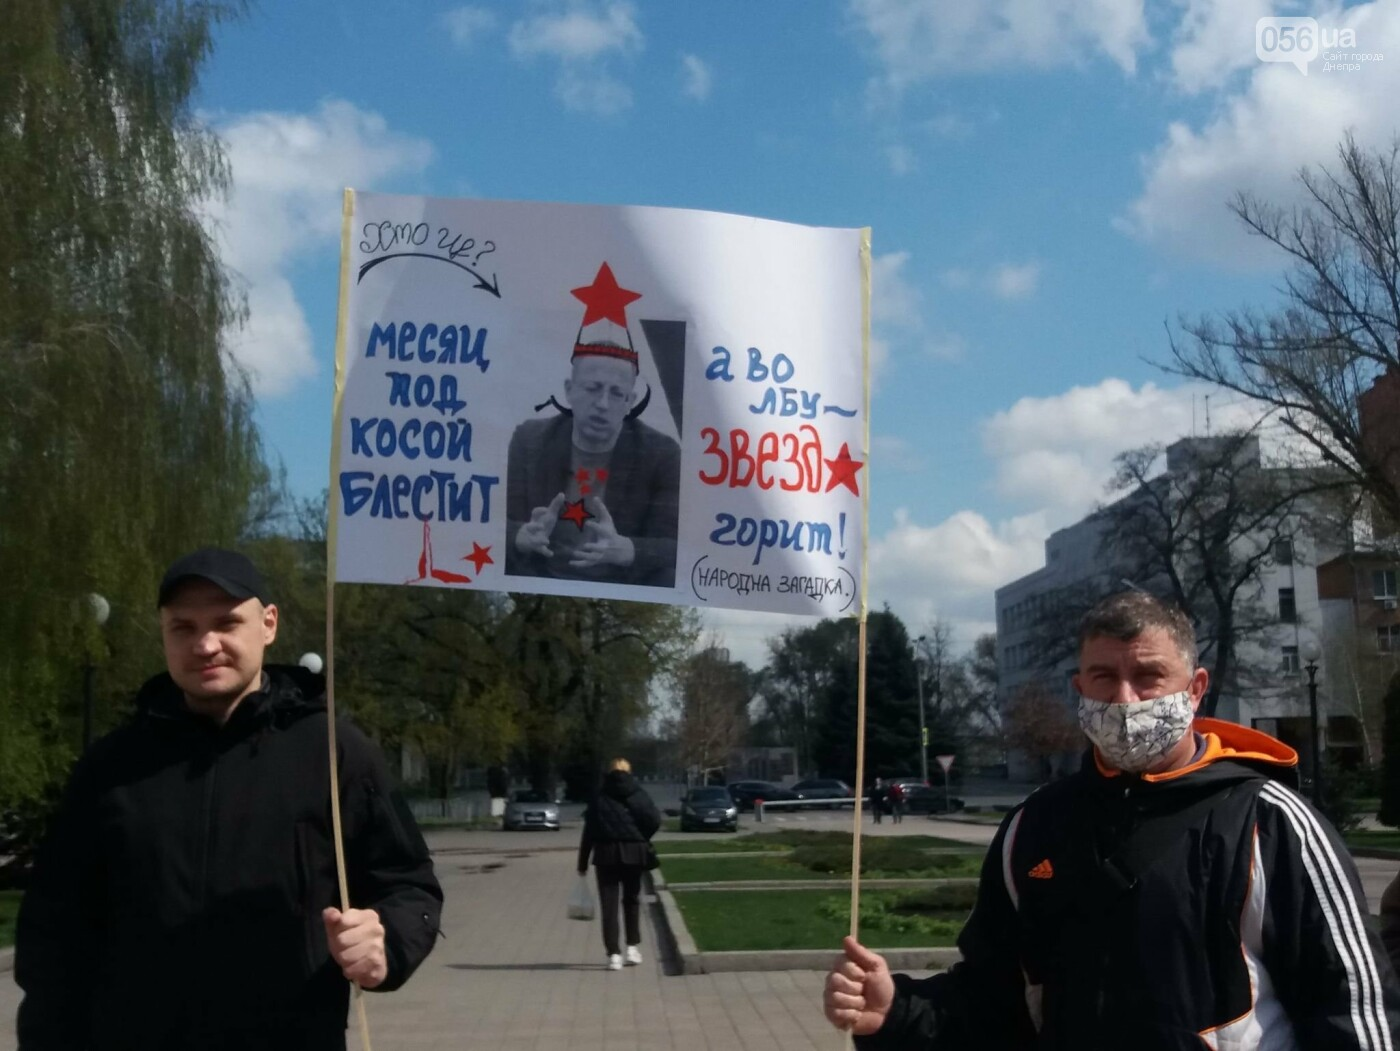 Днепровские активисты требуют лишить депутатского мандата и должности Геннадия Гуфмана: реакция политика, фото-5